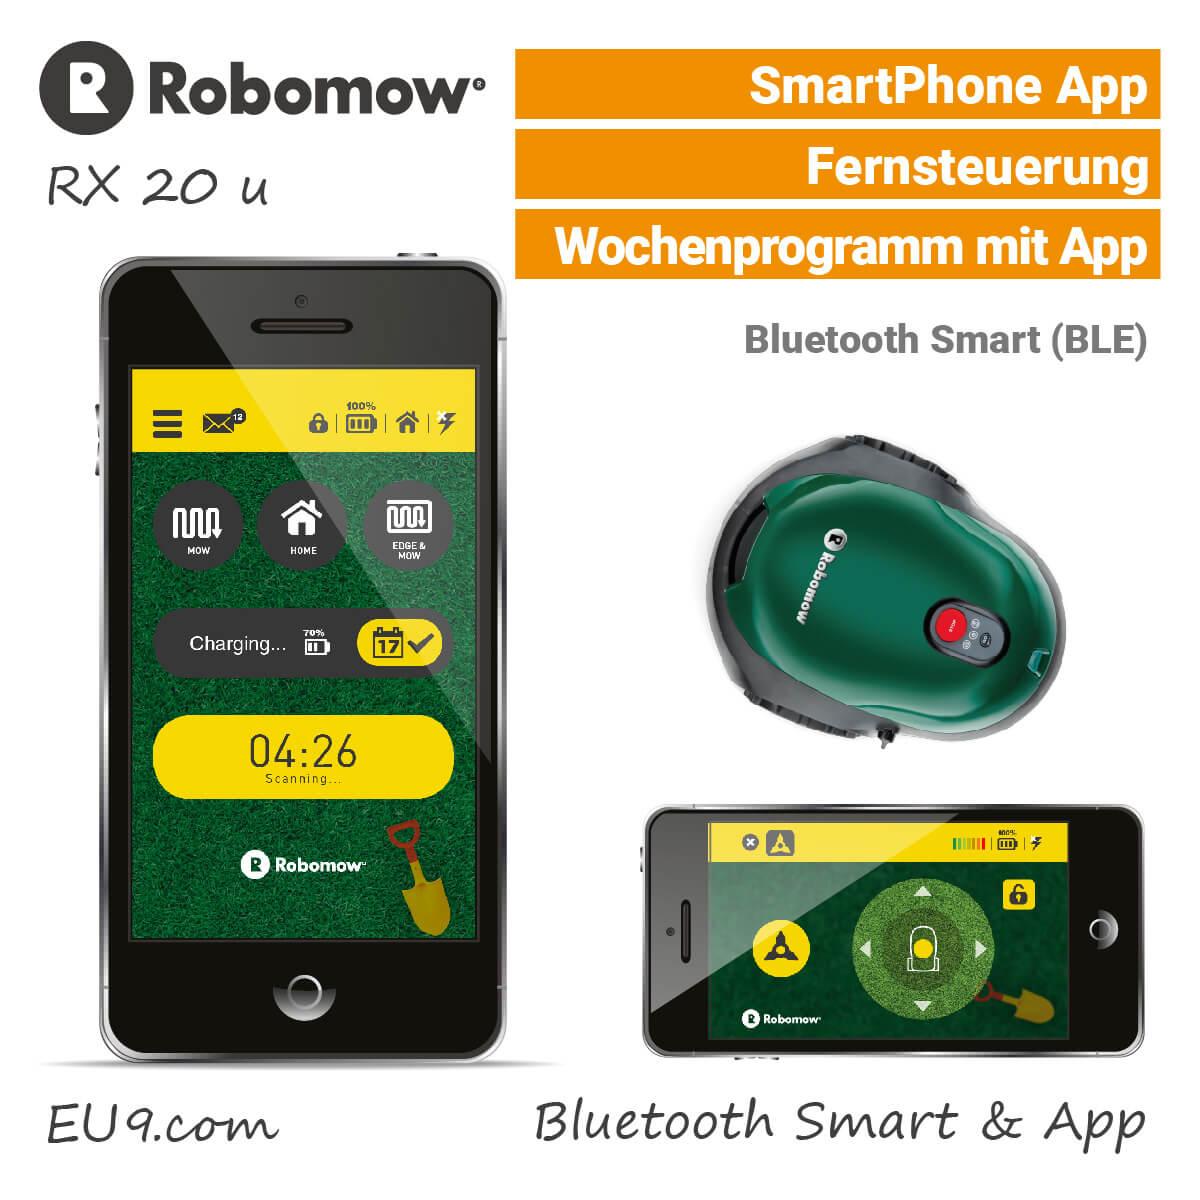 robomow rx20 u rasenroboter m hroboter g nstig kaufen. Black Bedroom Furniture Sets. Home Design Ideas